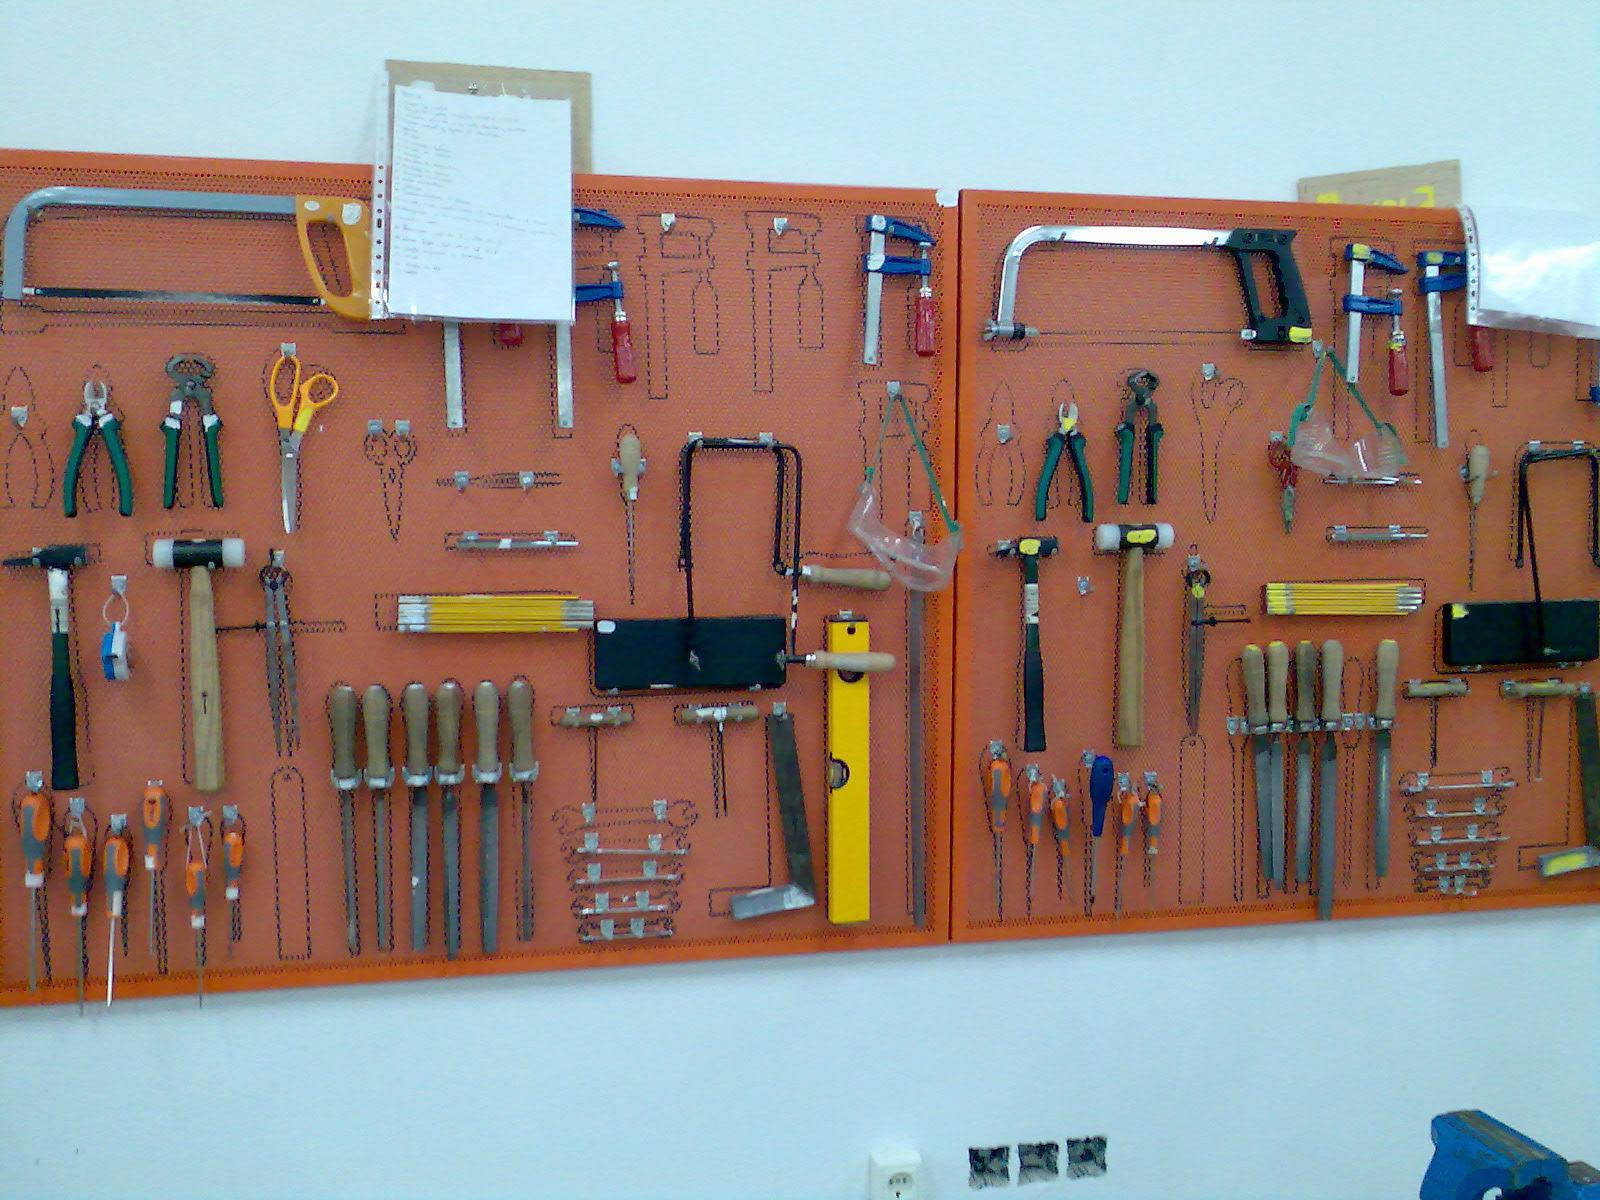 Instalaciones y tecnolog a en educaci n las herramientas for Cajon herramientas taller